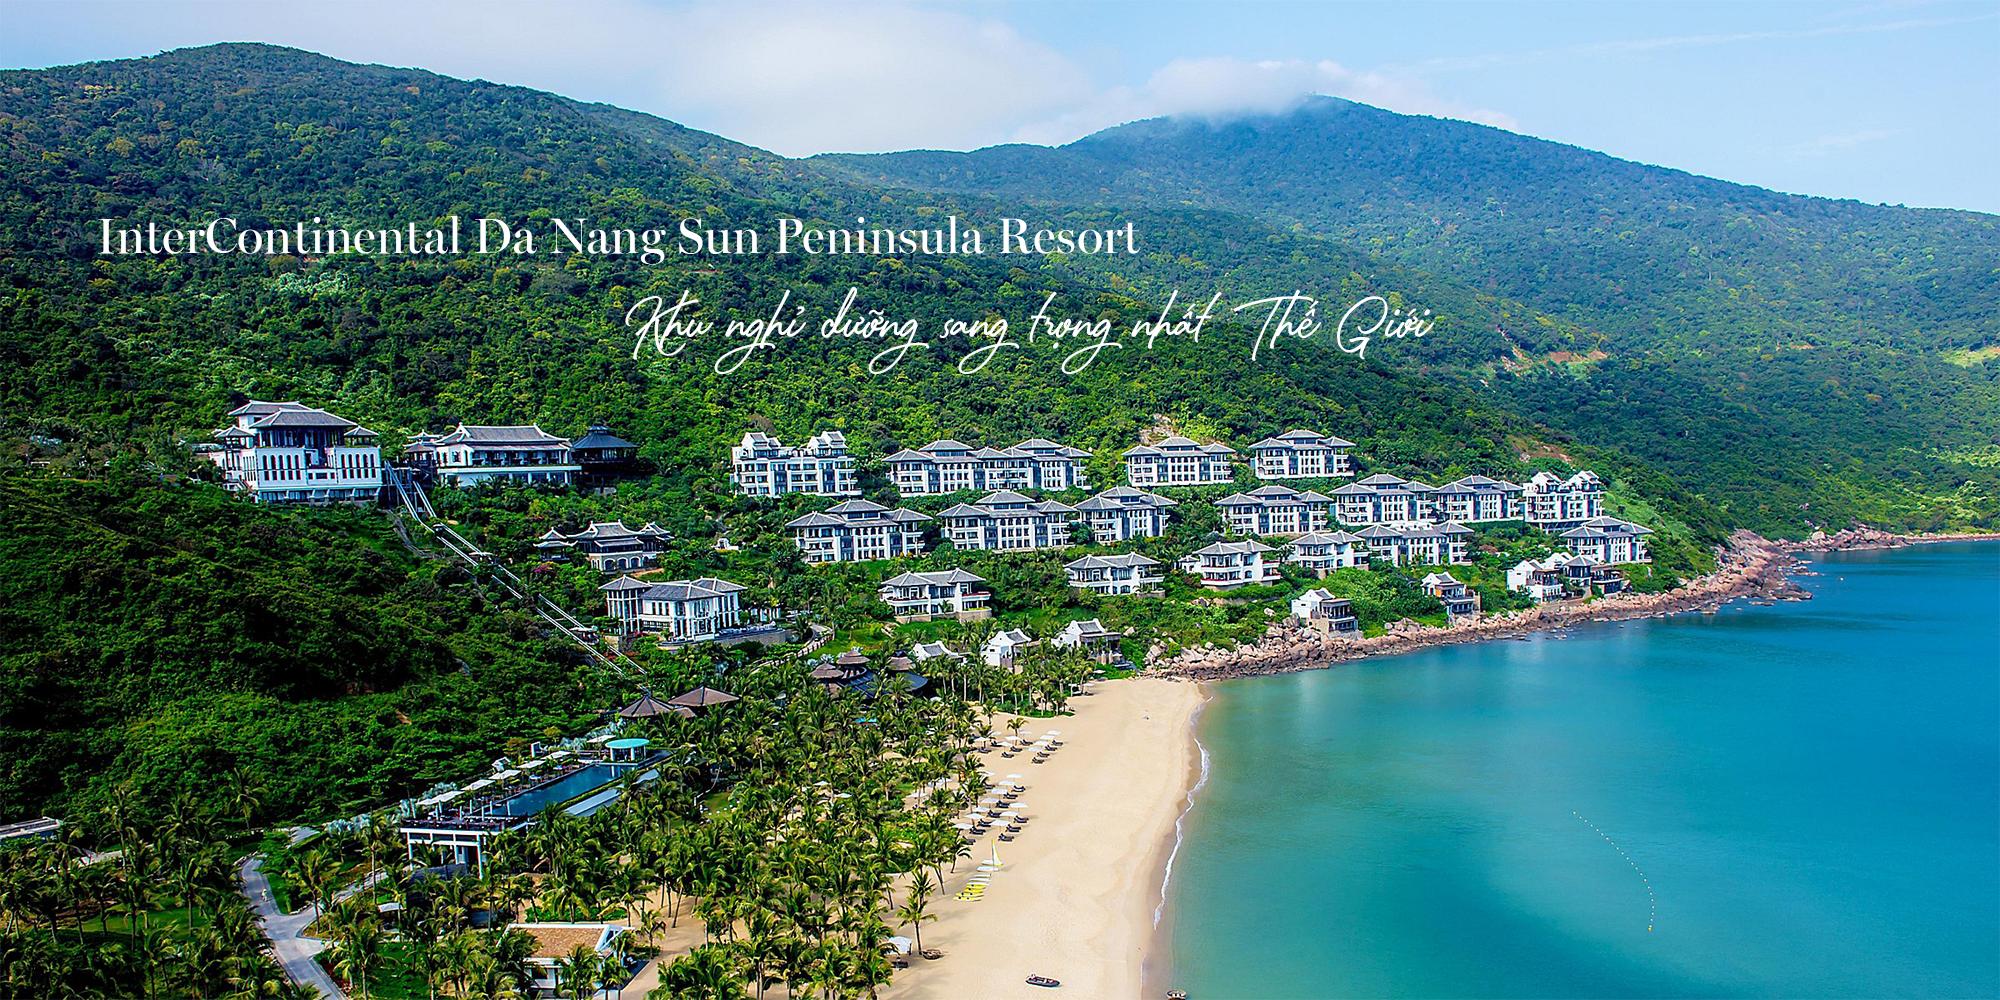 Chinh phục giới thượng lưu bởi 9 siêu phẩm nghỉ dưỡng mới, Sun Group tiếp tục đưa Đảo Ngọc thành điểm đến đầu tư trong năm 2021 - Ảnh 5.